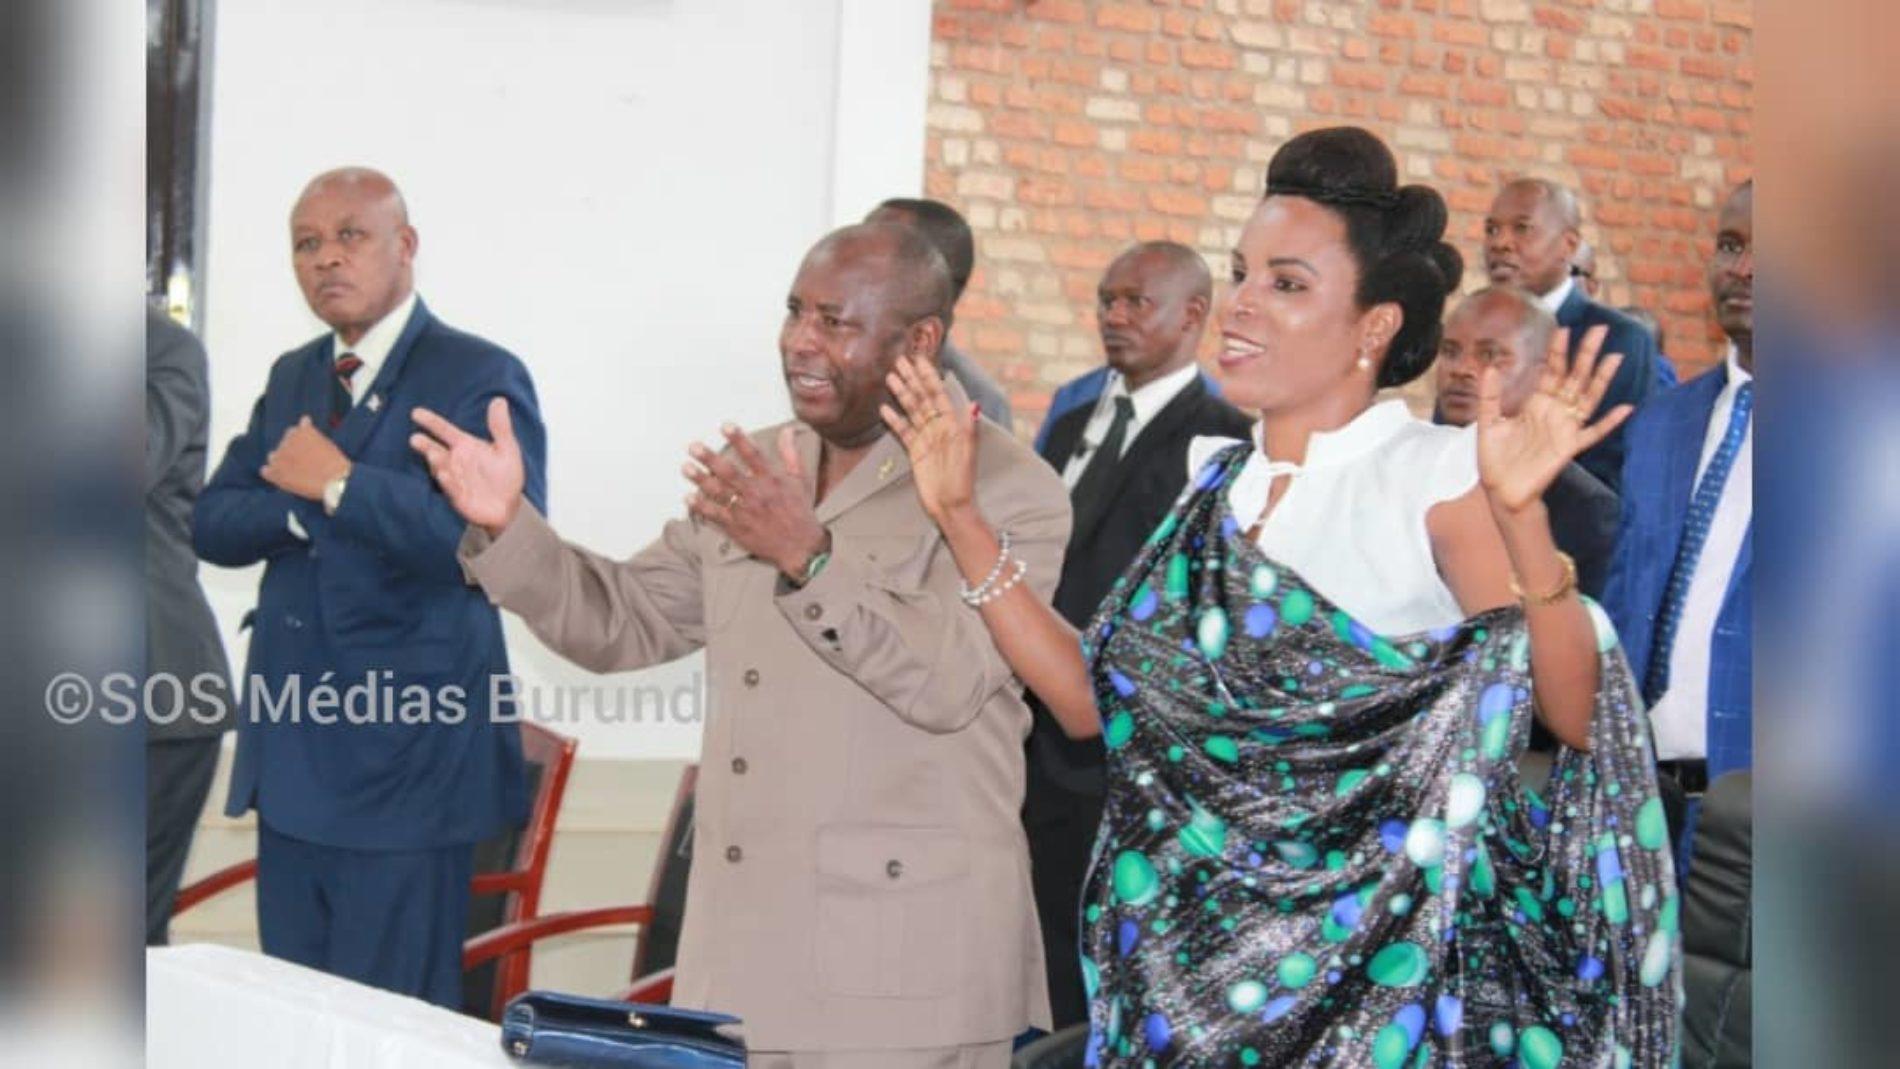 Burundi : confession du chef de l'État